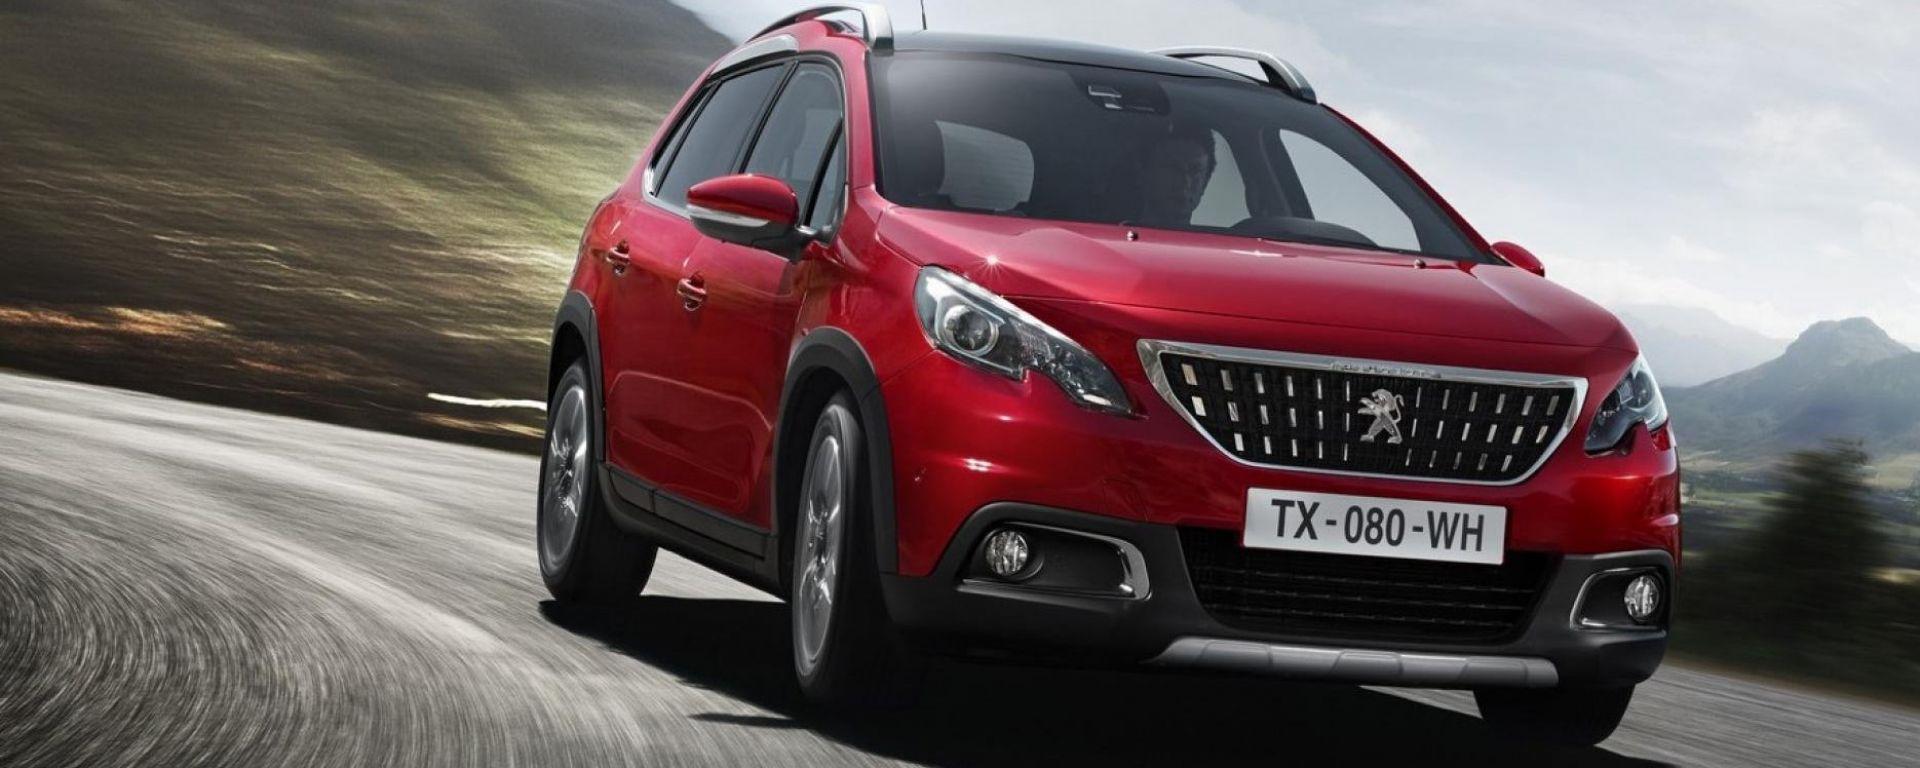 Peugeot 2008, la promo di luglio 2019